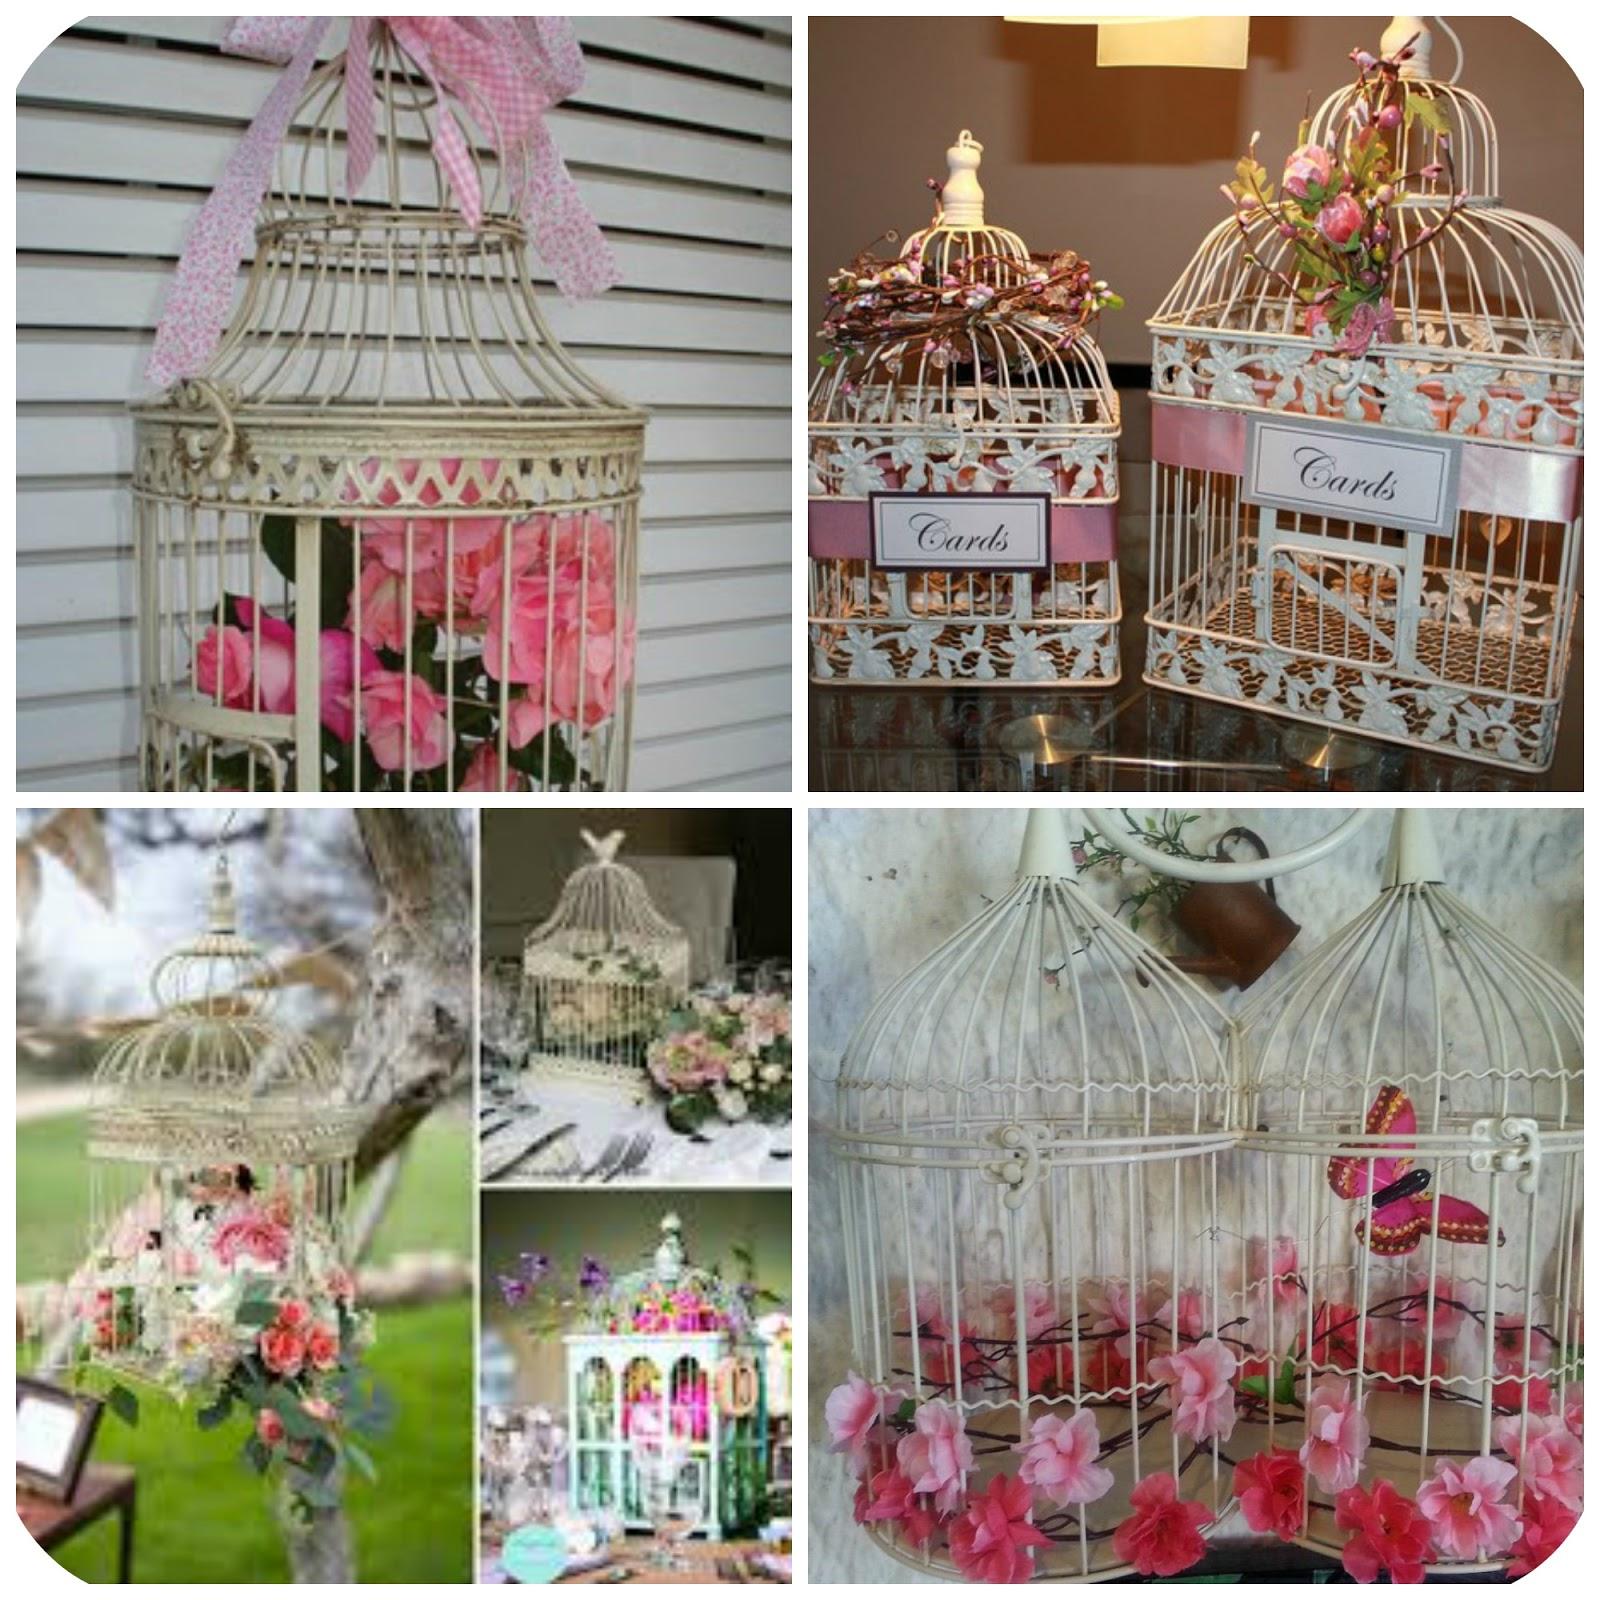 Lascositasdelamparita vintage cage - La casa vintage ...